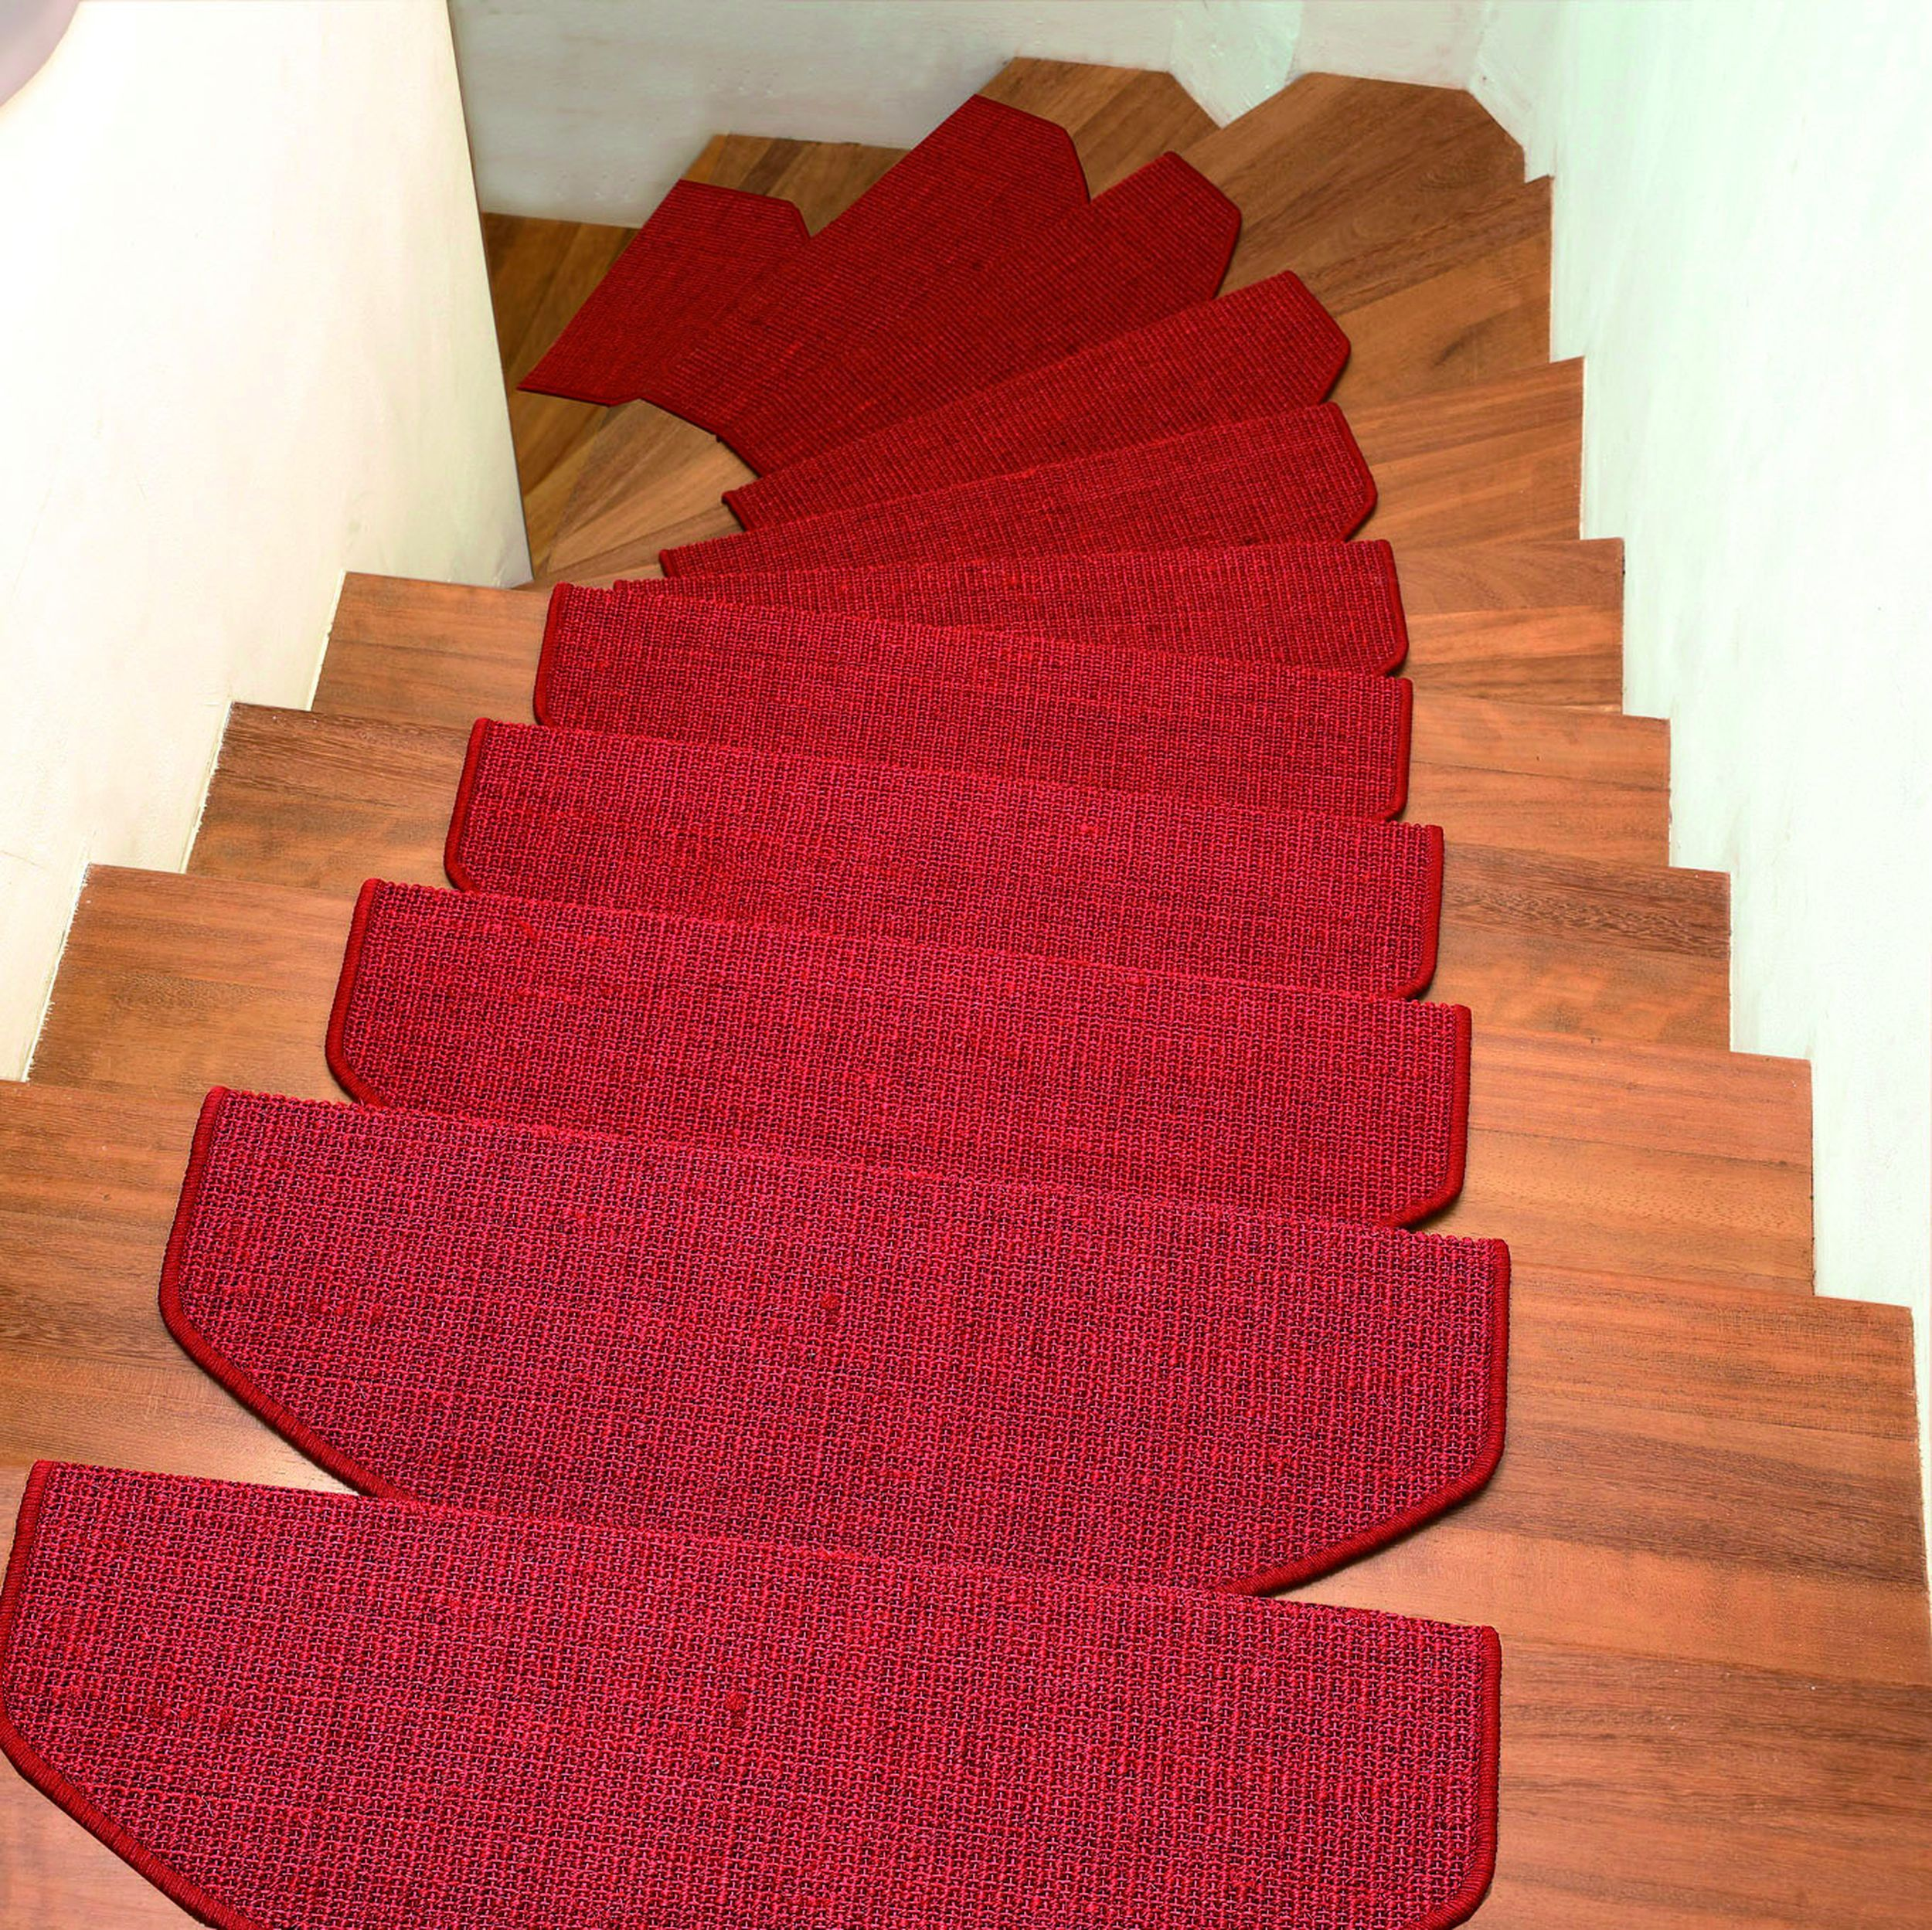 Stufenmatten Hersteller Golze Hersteller Tretford Teppiche